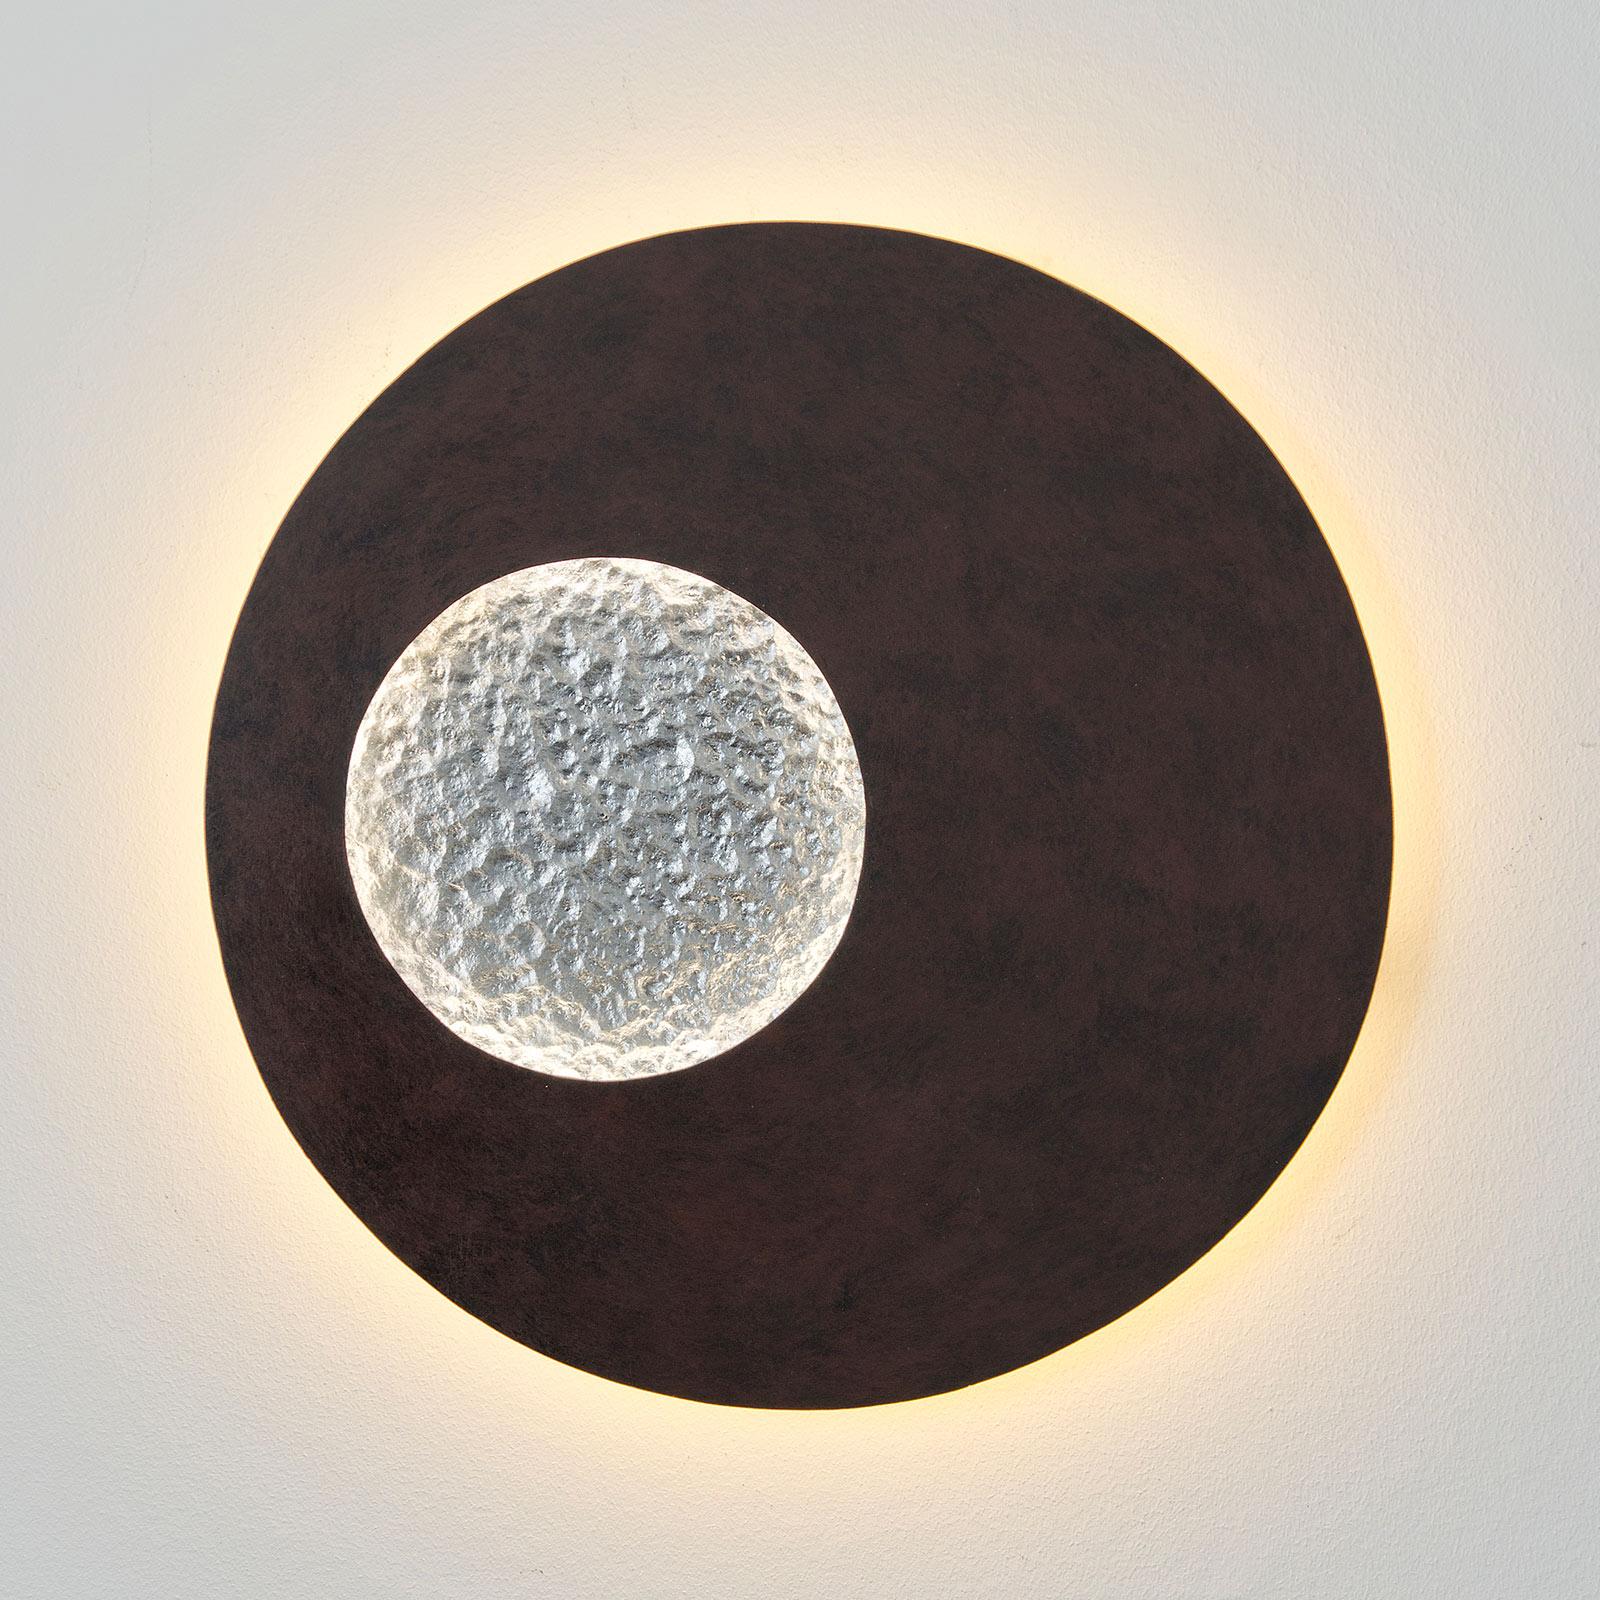 LED-Wandleuchte Luina, Ø 40 cm, innen silber